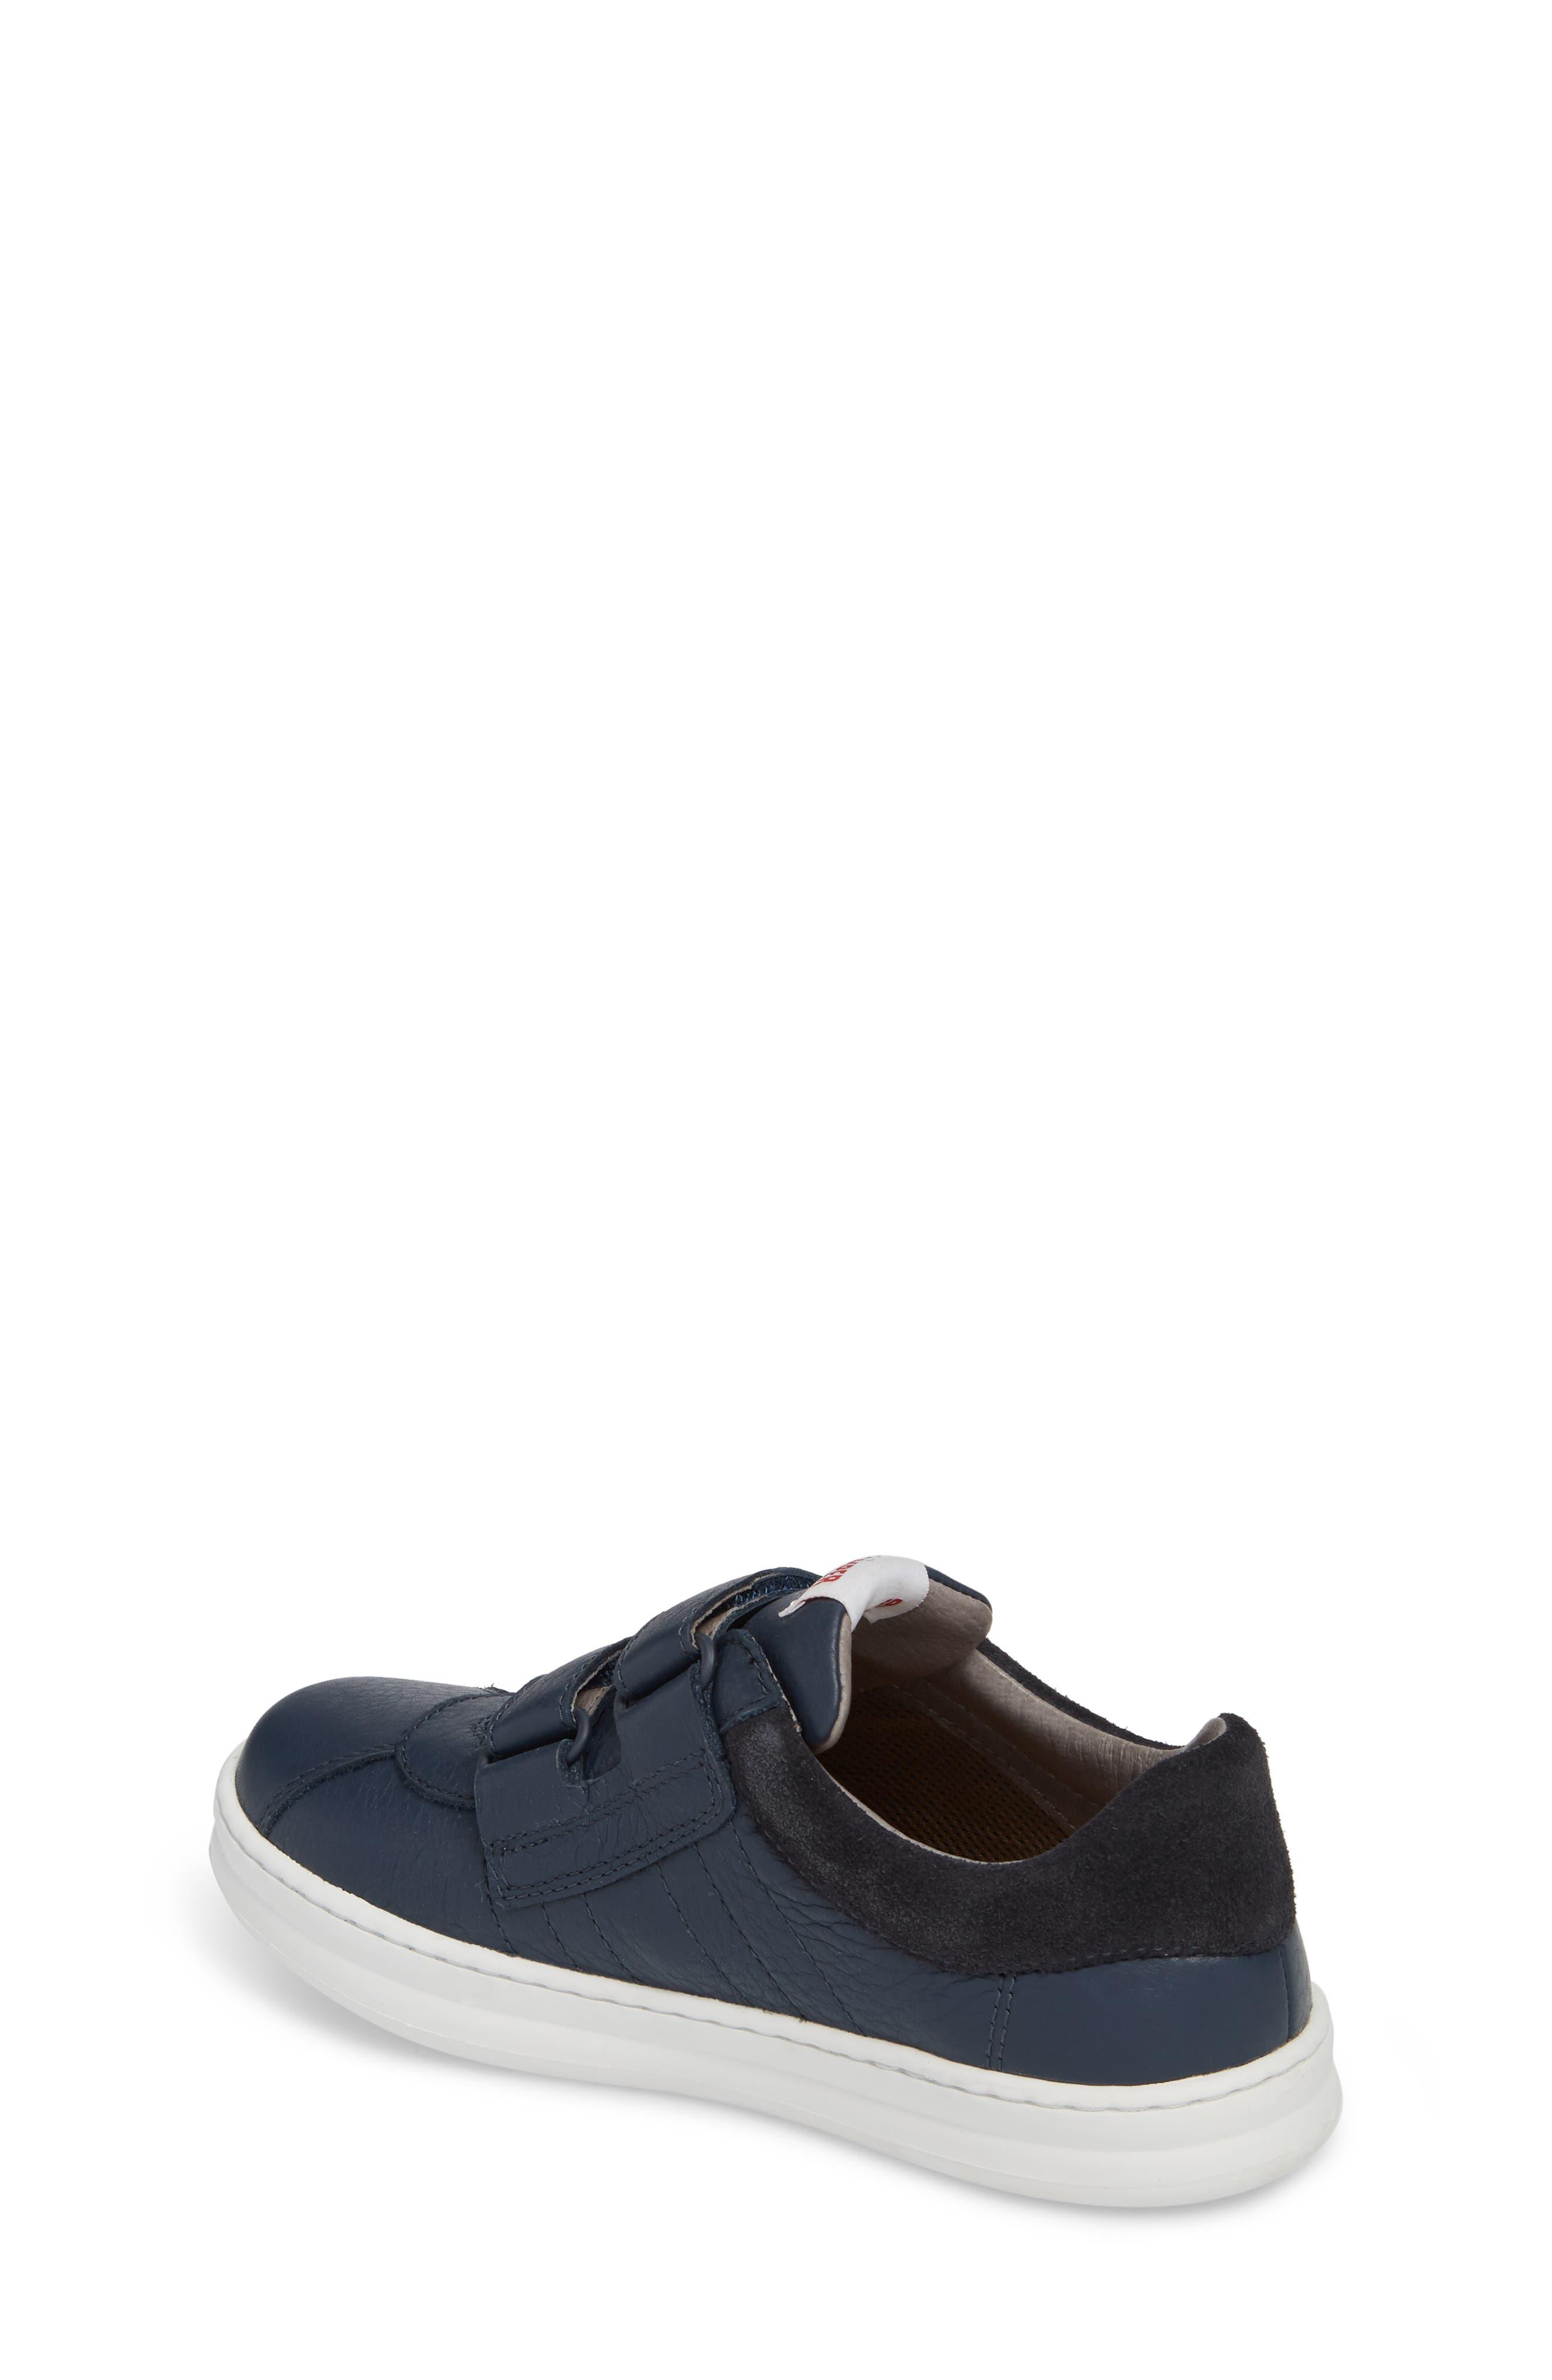 Runner Sneaker,                             Alternate thumbnail 2, color,                             NAVY